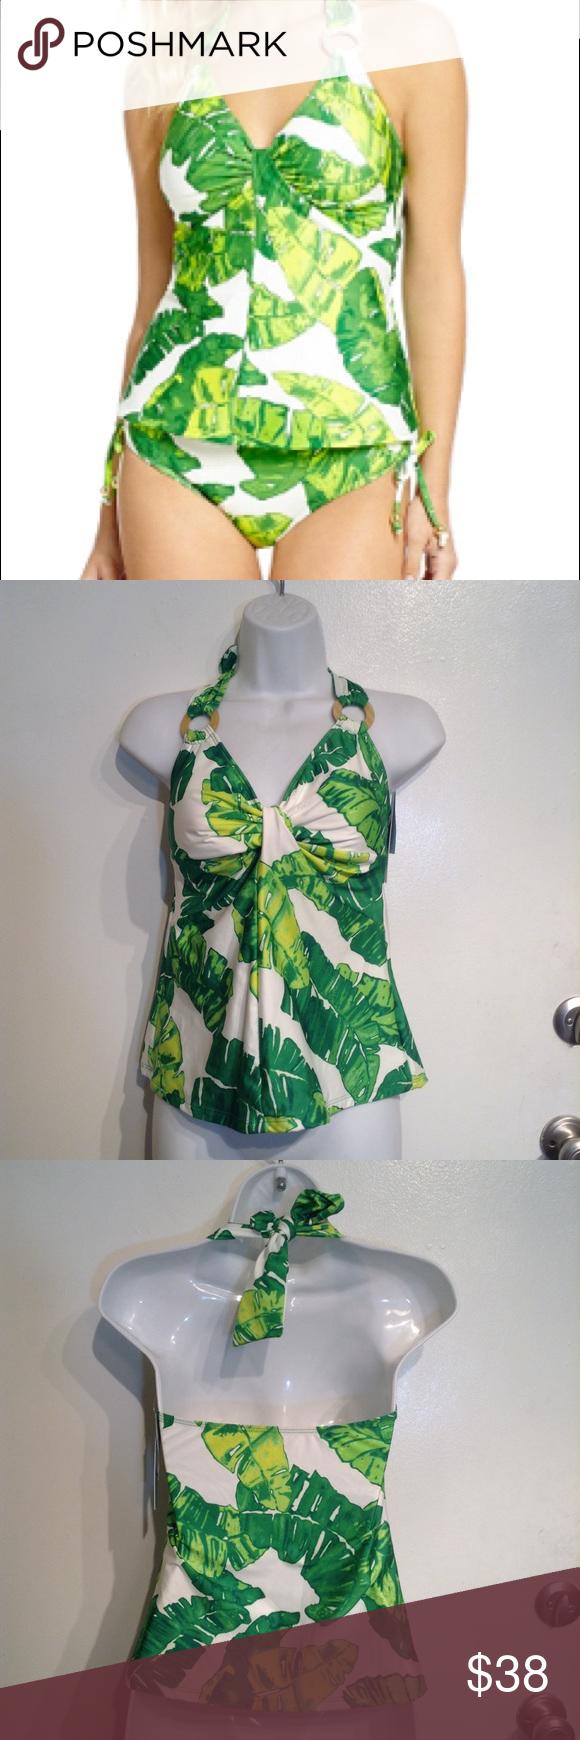 cc51abdd9a NWT Antonio Melani Tropical Leaf Print Tankini Antonio Melani tropical palm  leaf print green and white